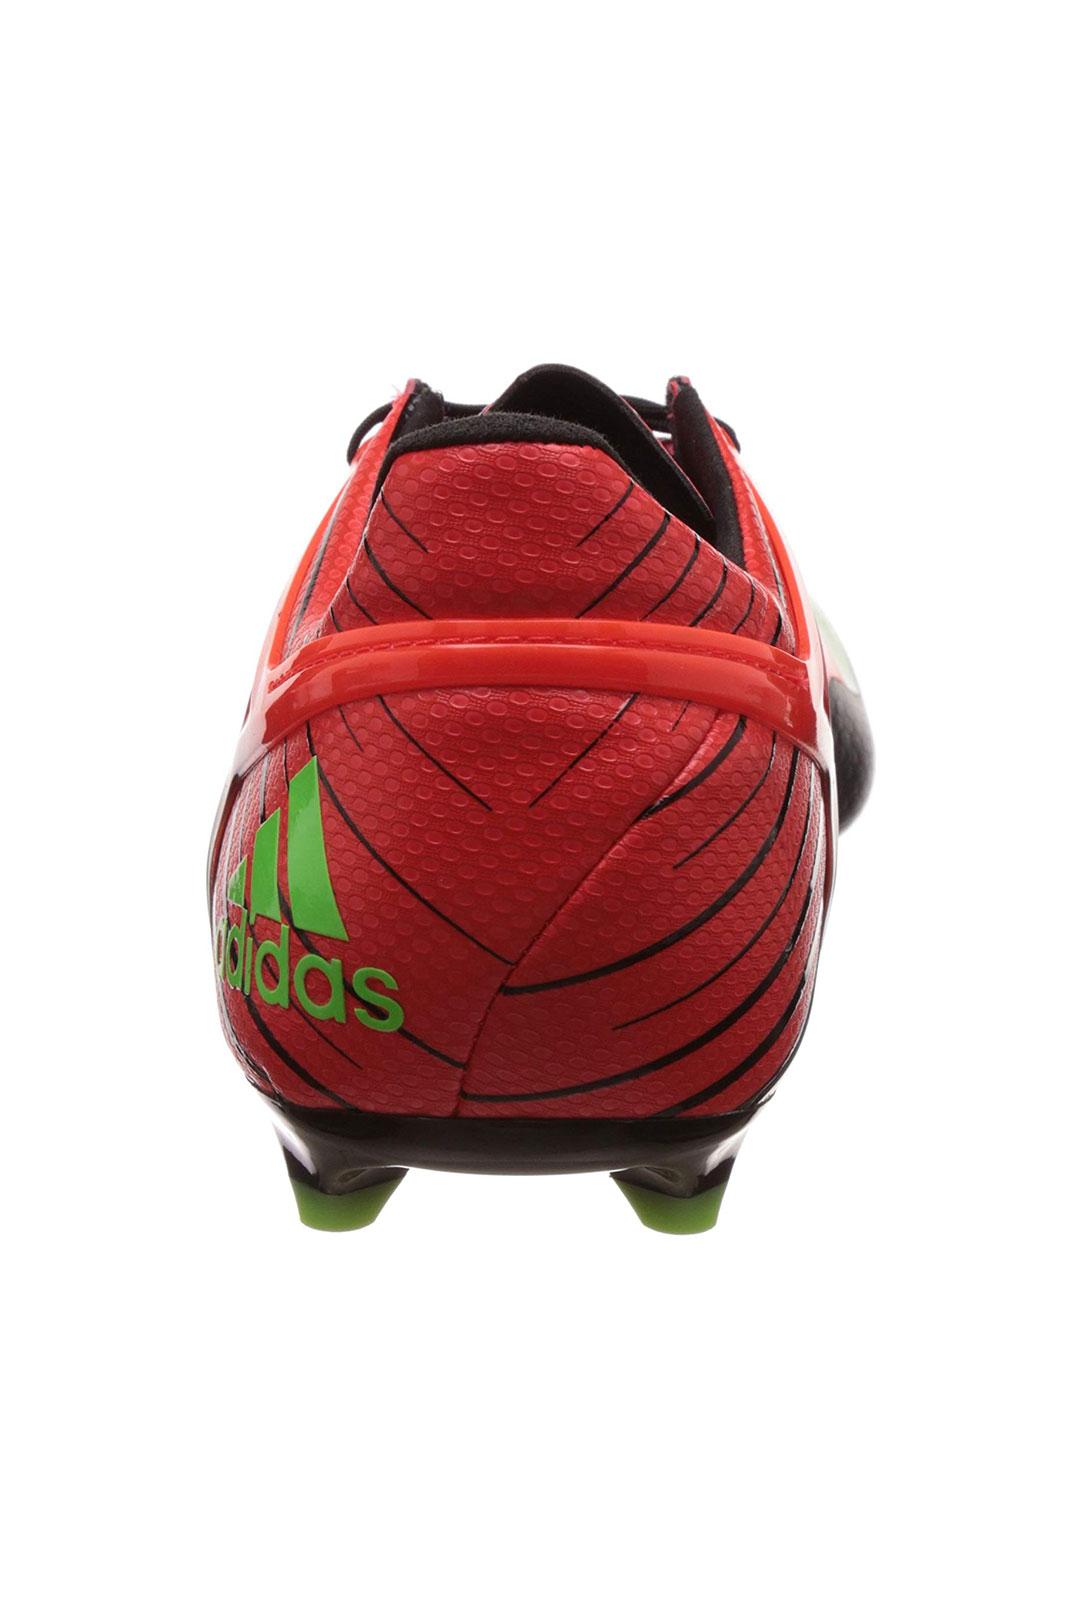 Baskets / Sport  Adidas AF4654 MESSI 15.1 RED BLACK